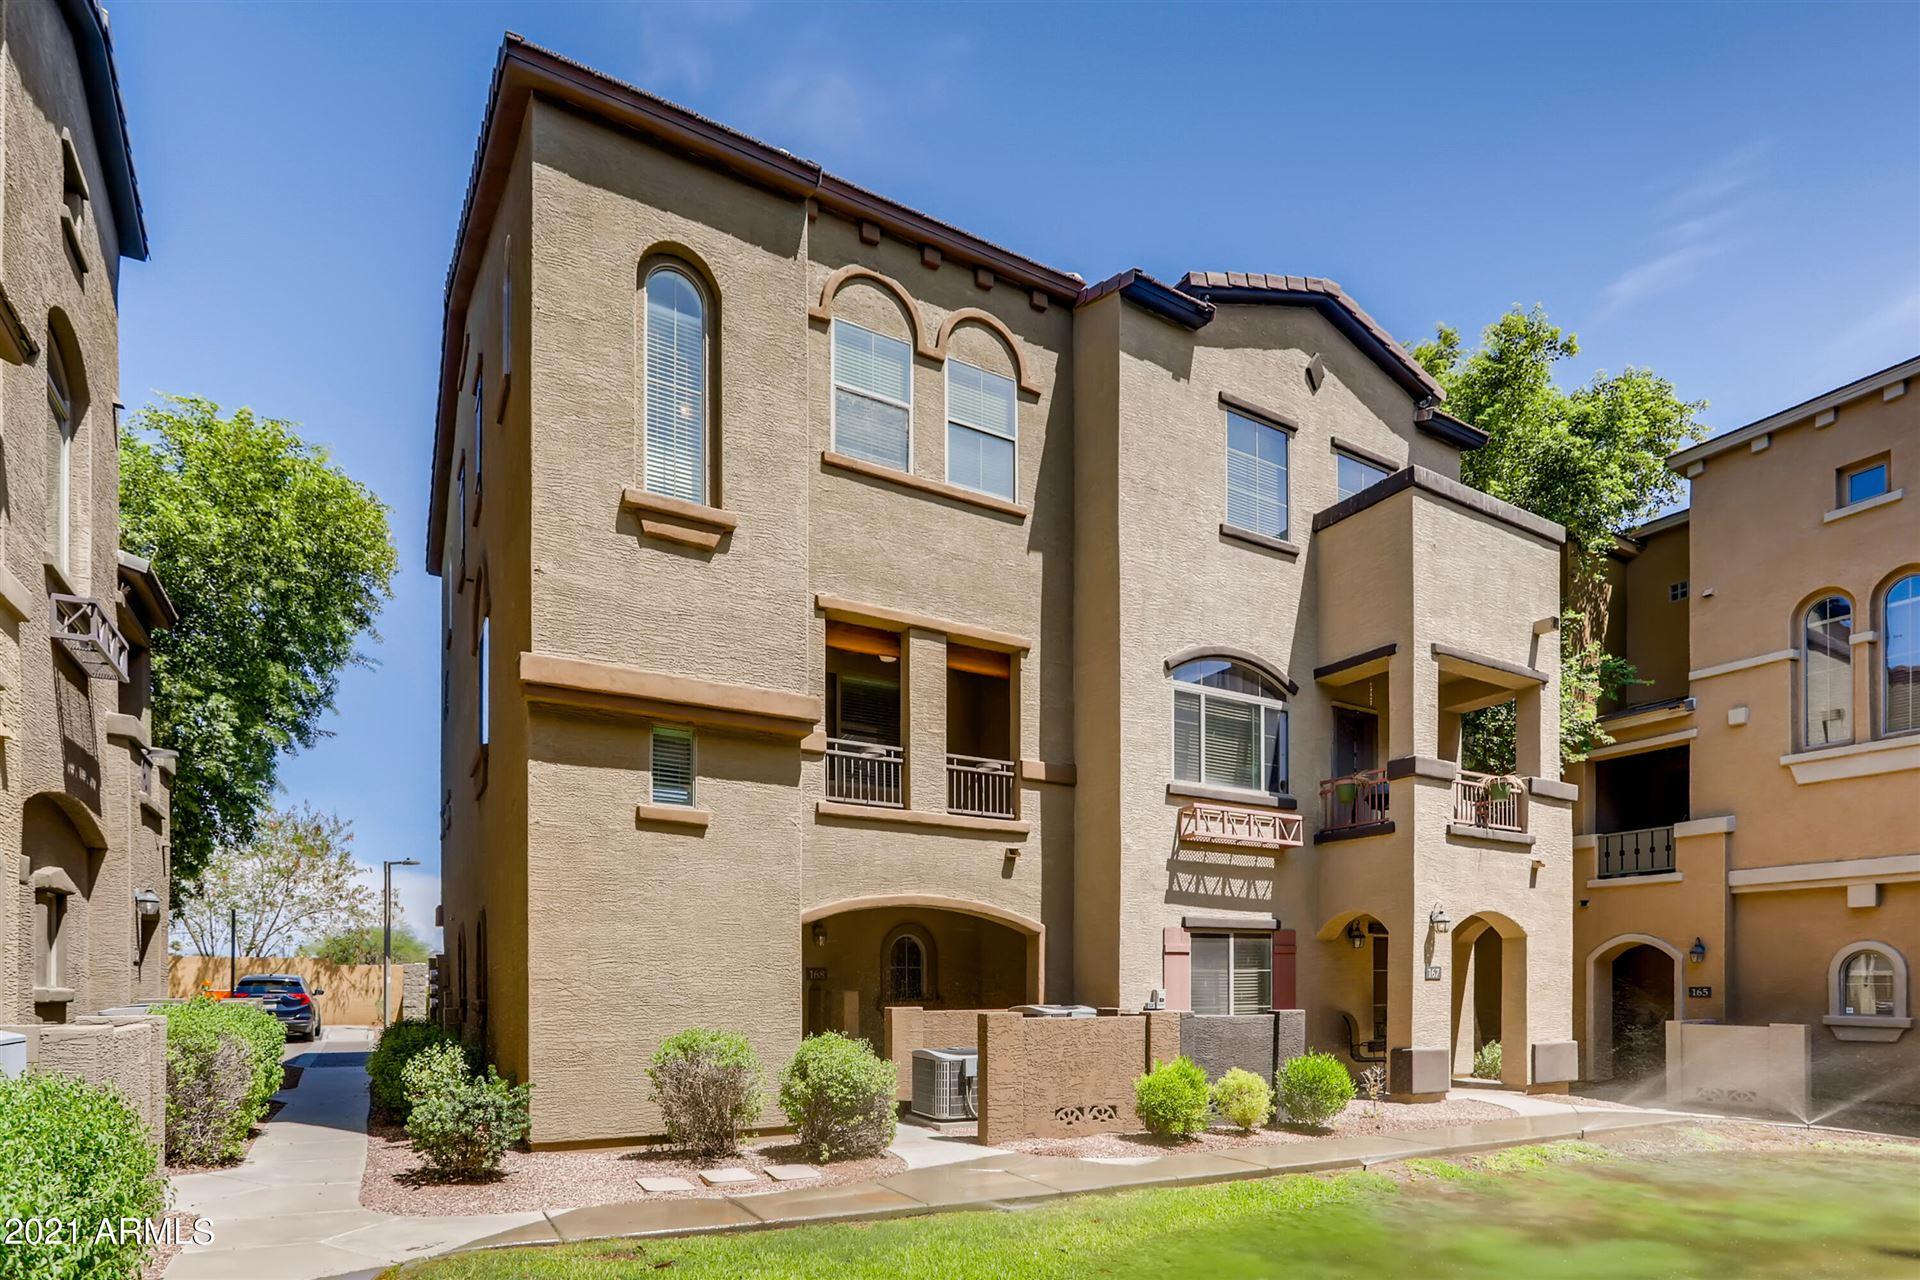 3250 W GREENWAY Road #168, Phoenix, AZ 85053 - MLS#: 6271225